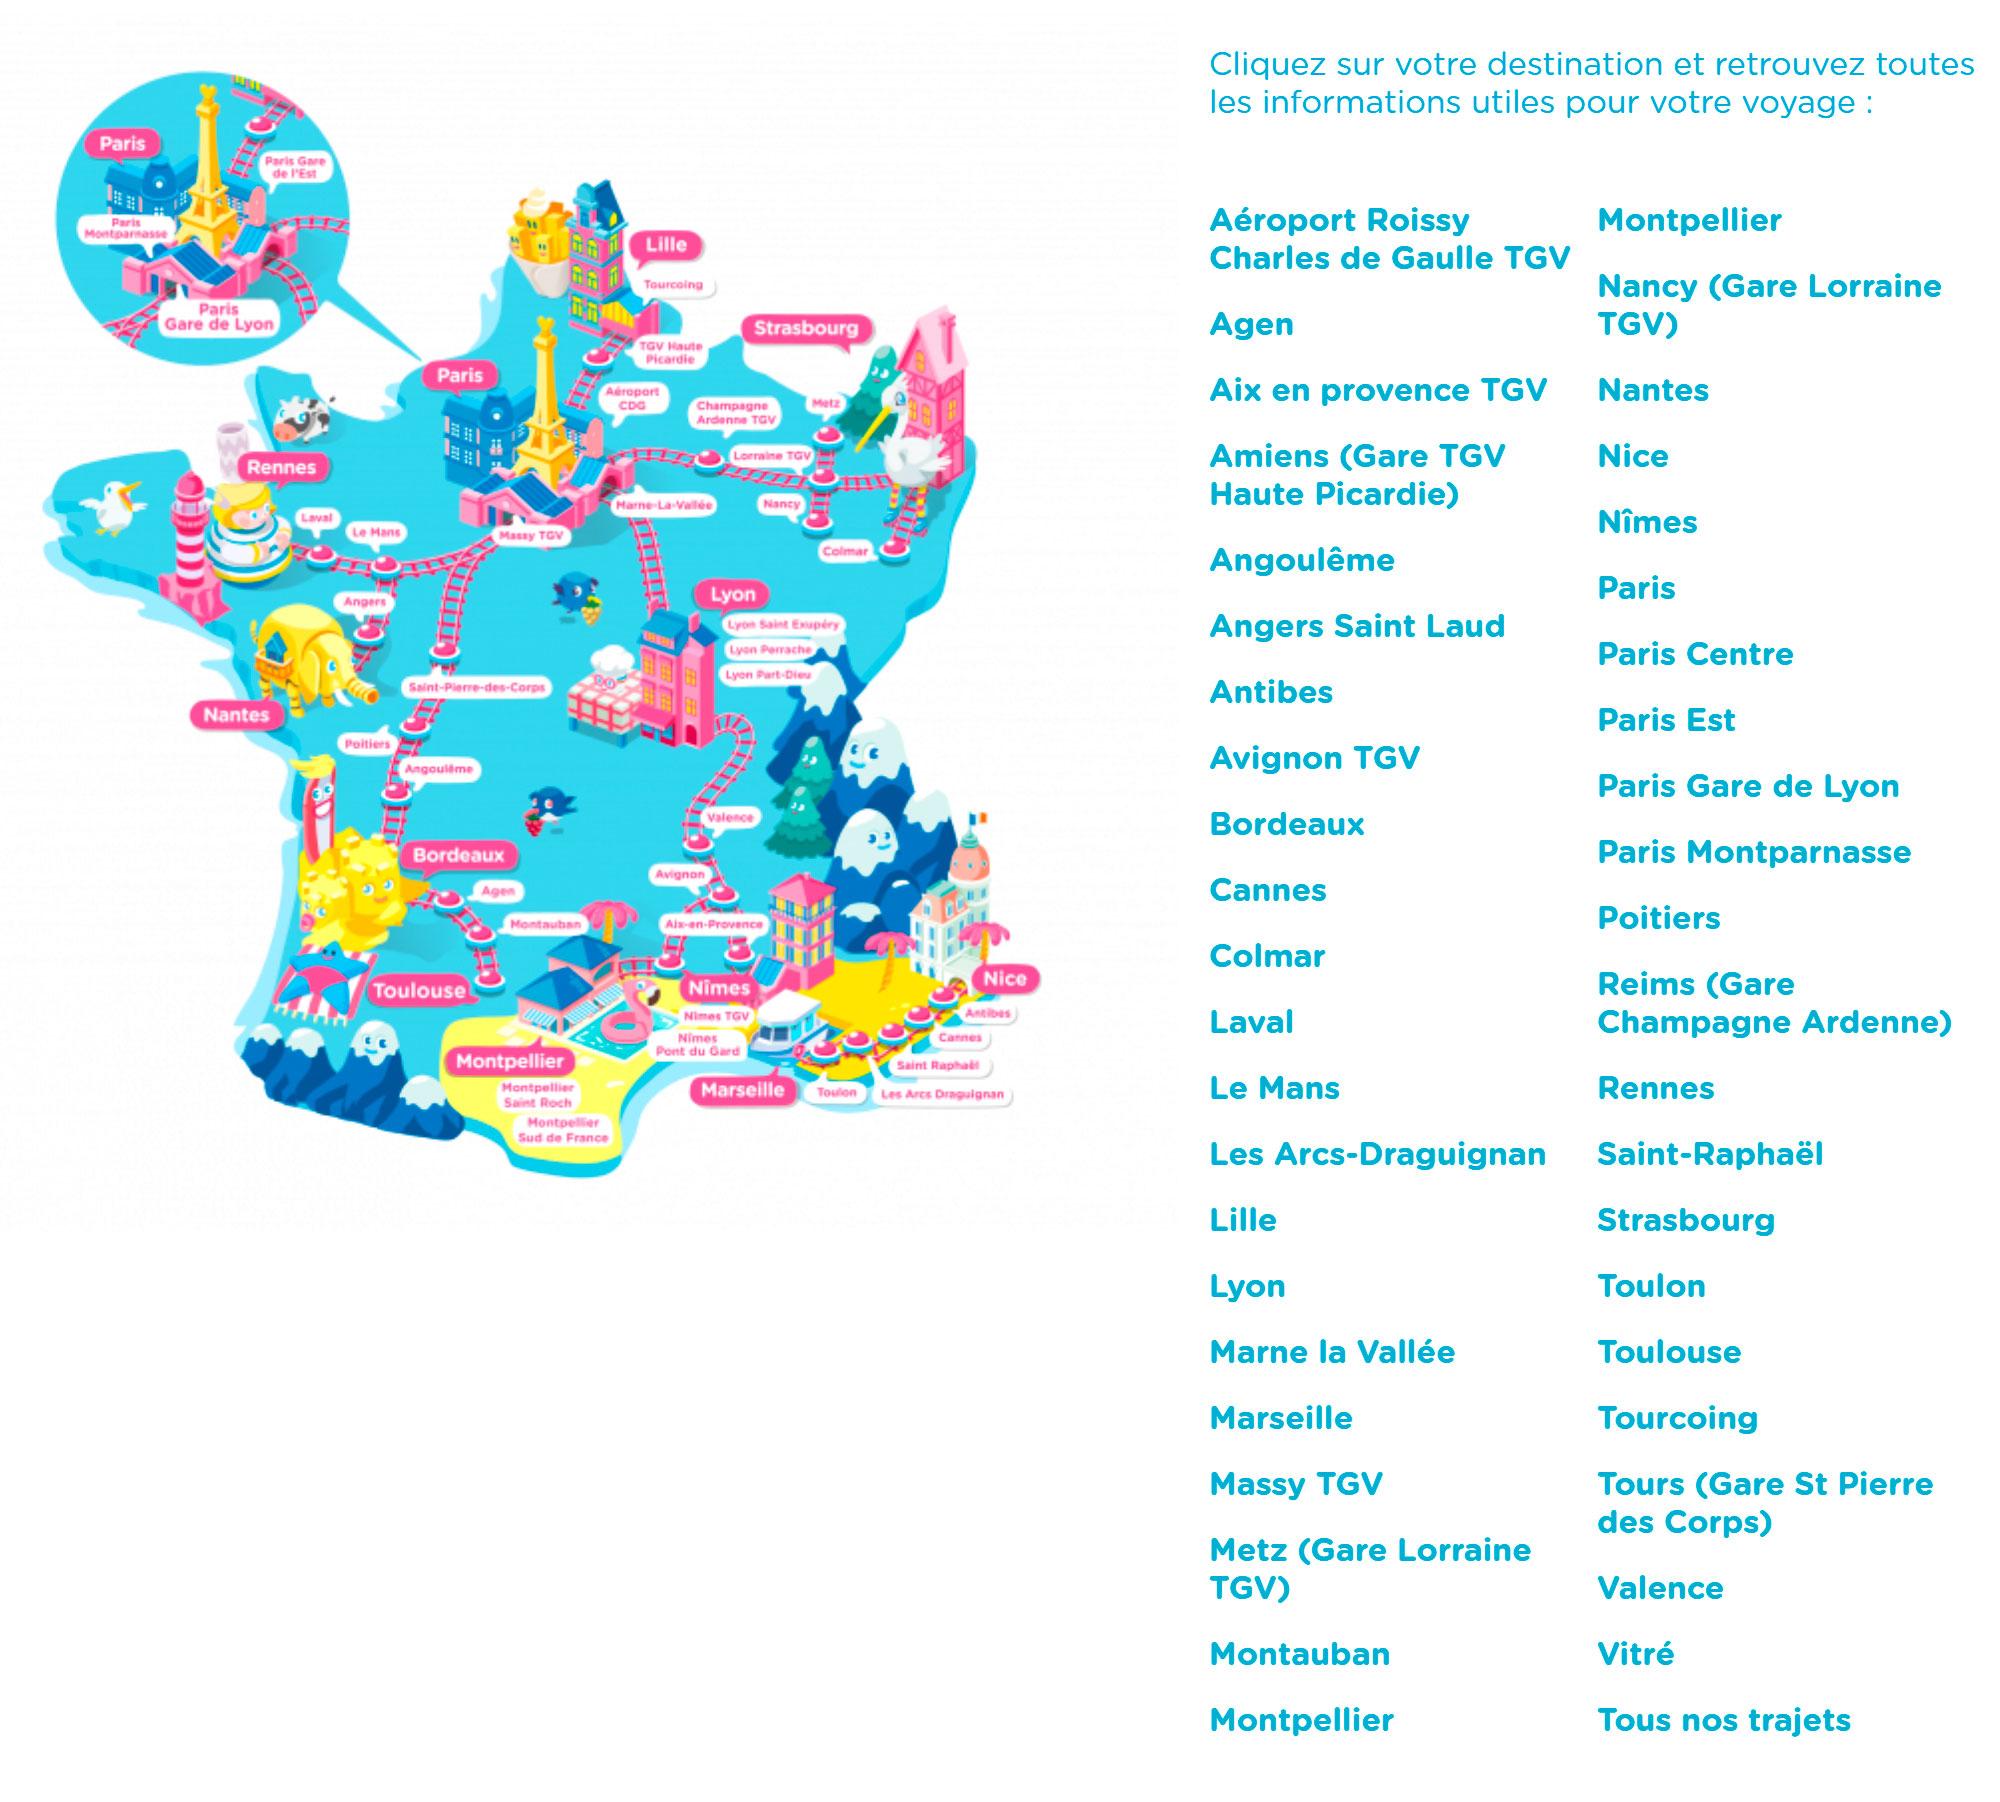 Миленькая карта ж/д маршрутов по Франции